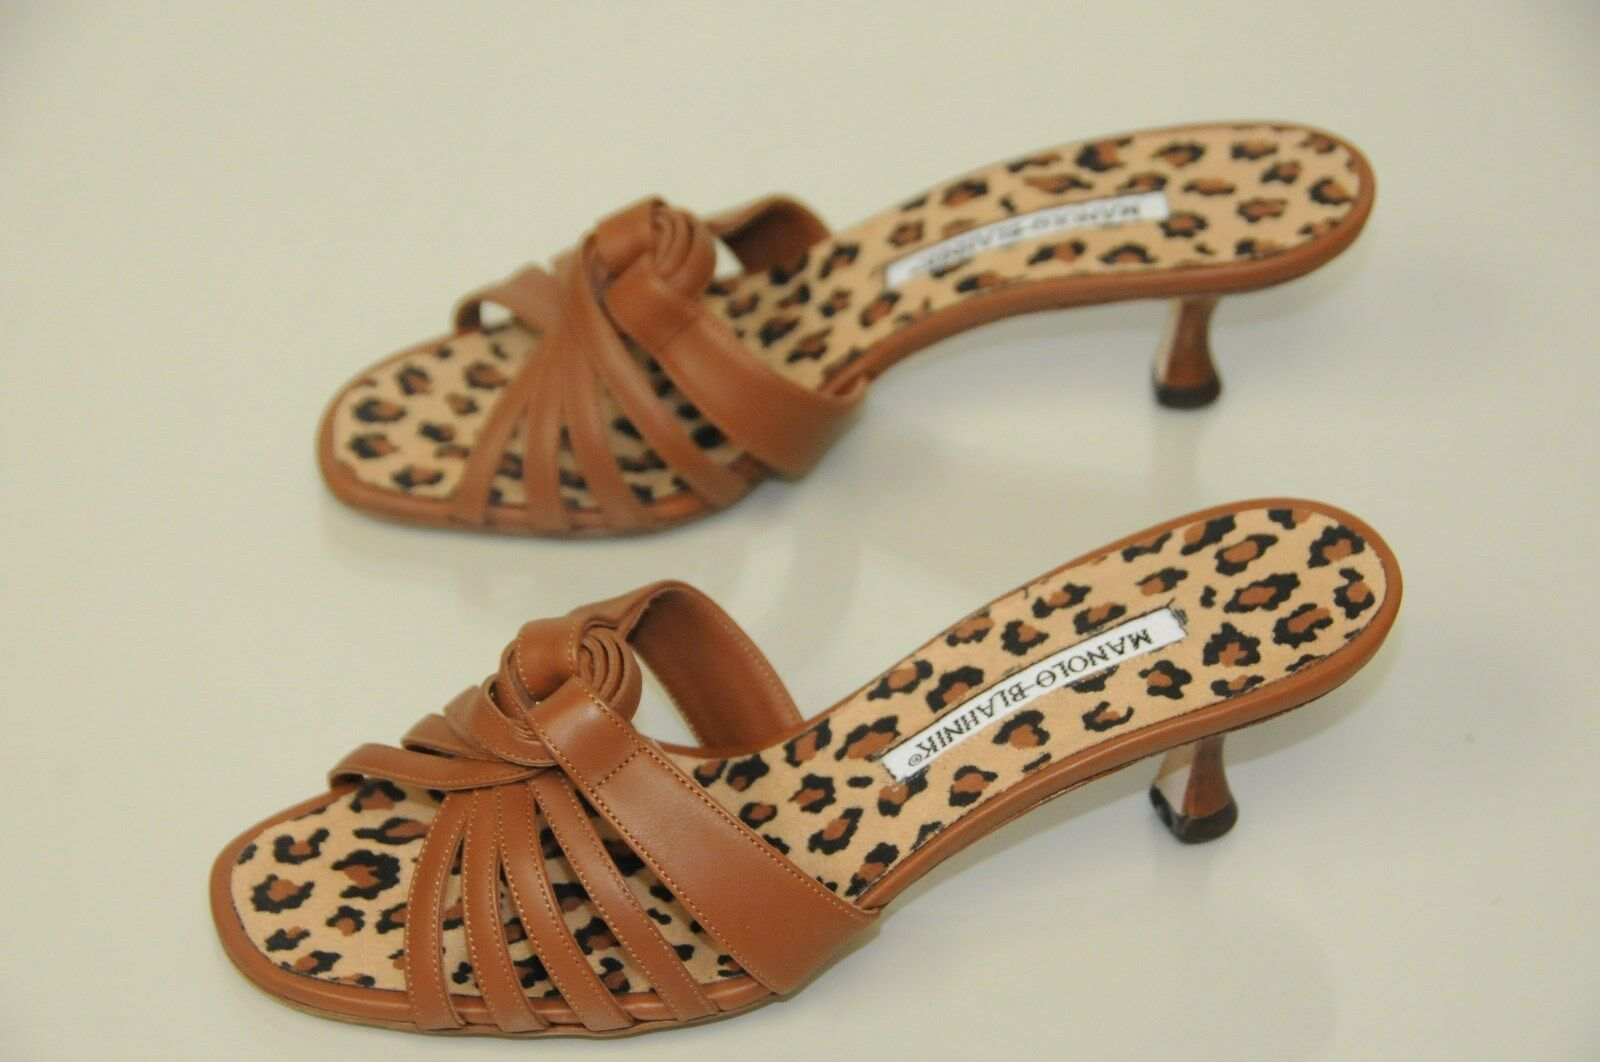 795 Nueva Manolo Blahnik Marrón Zapatos sandalias sandalias sandalias sin talón Fáciles de poner Leopardo 37 Tacones Gatito  Para tu estilo de juego a los precios más baratos.